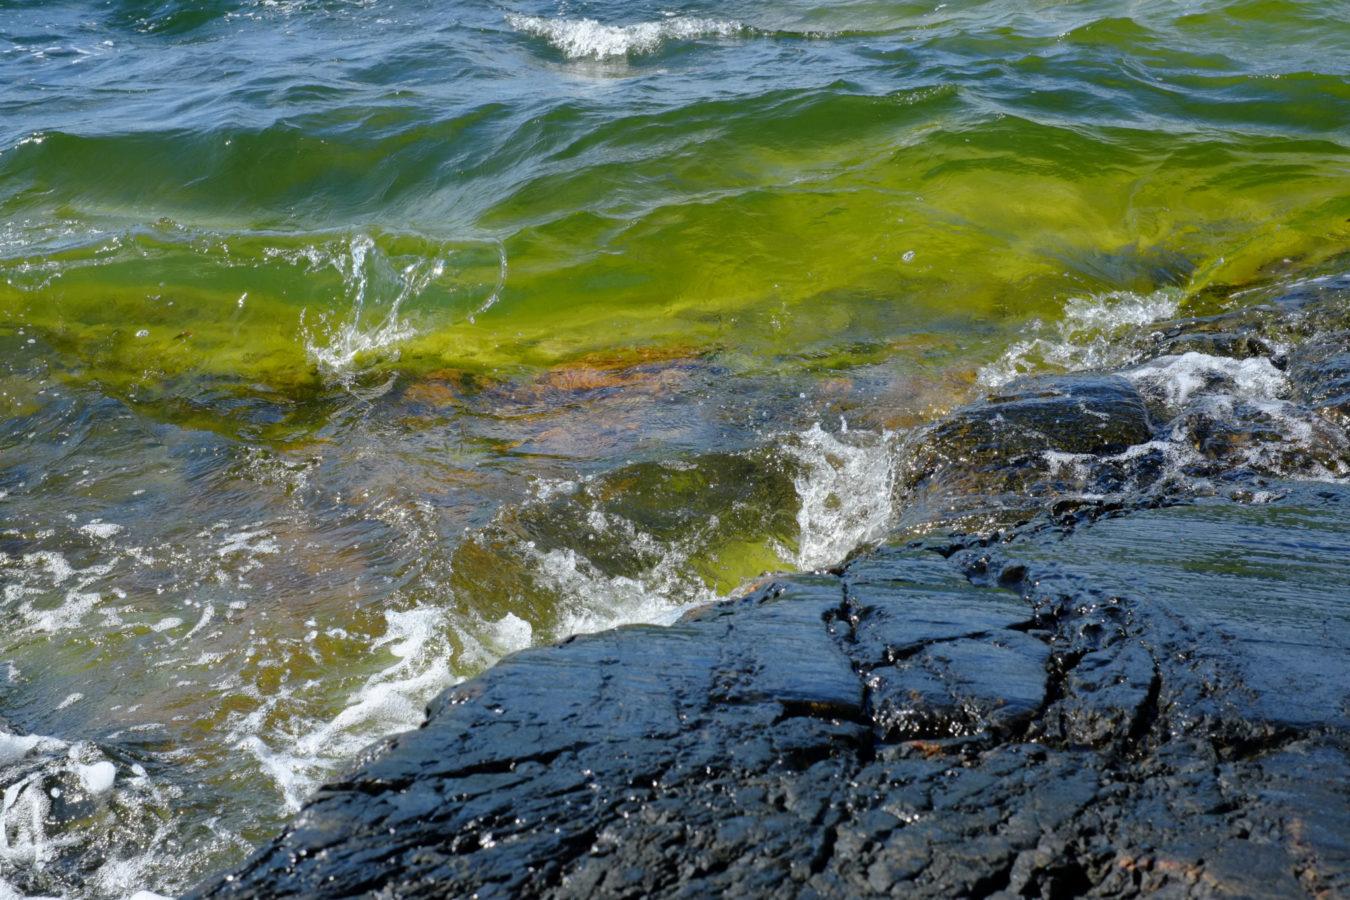 Green algae, waves hitting a rock